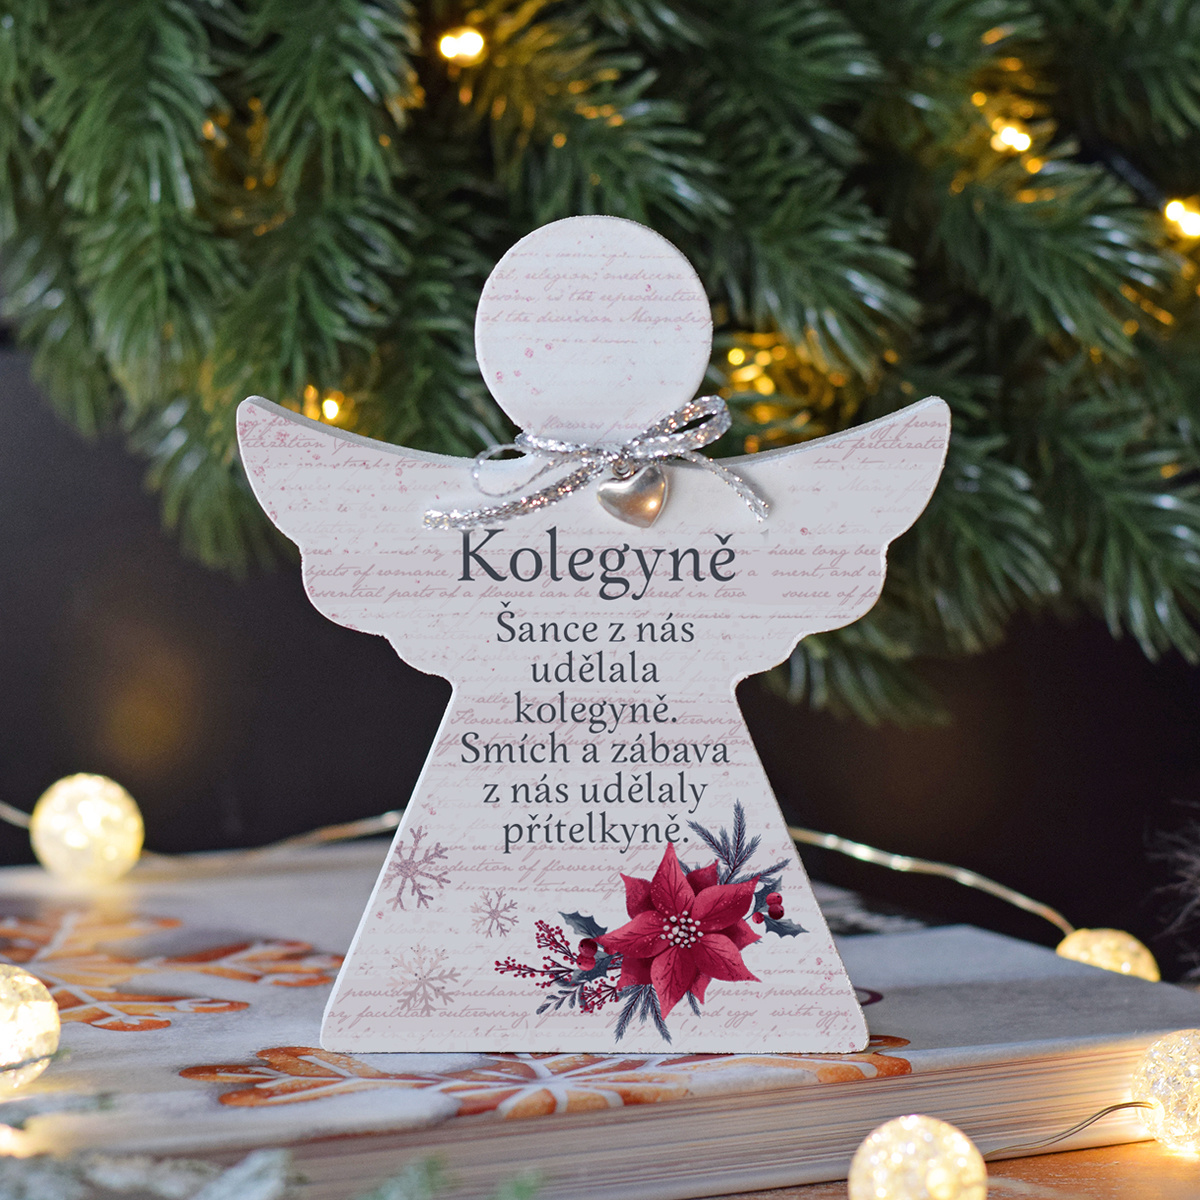 HOUSEDECOR Vánoční anděl - Kolegyně